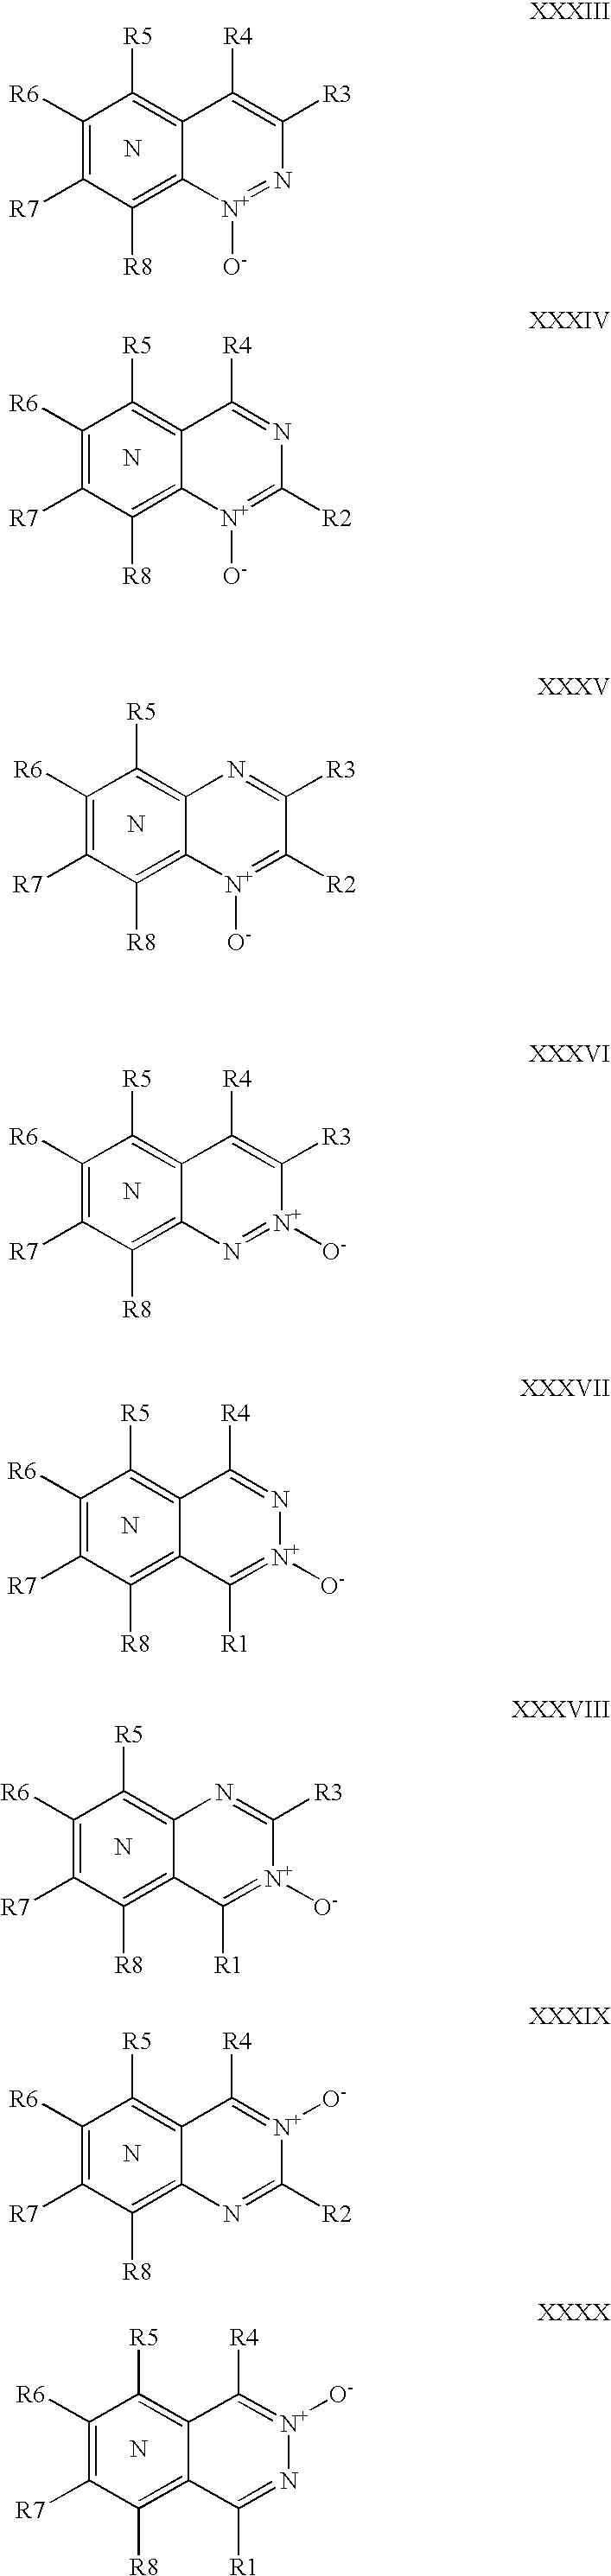 Figure US20060156483A1-20060720-C00027